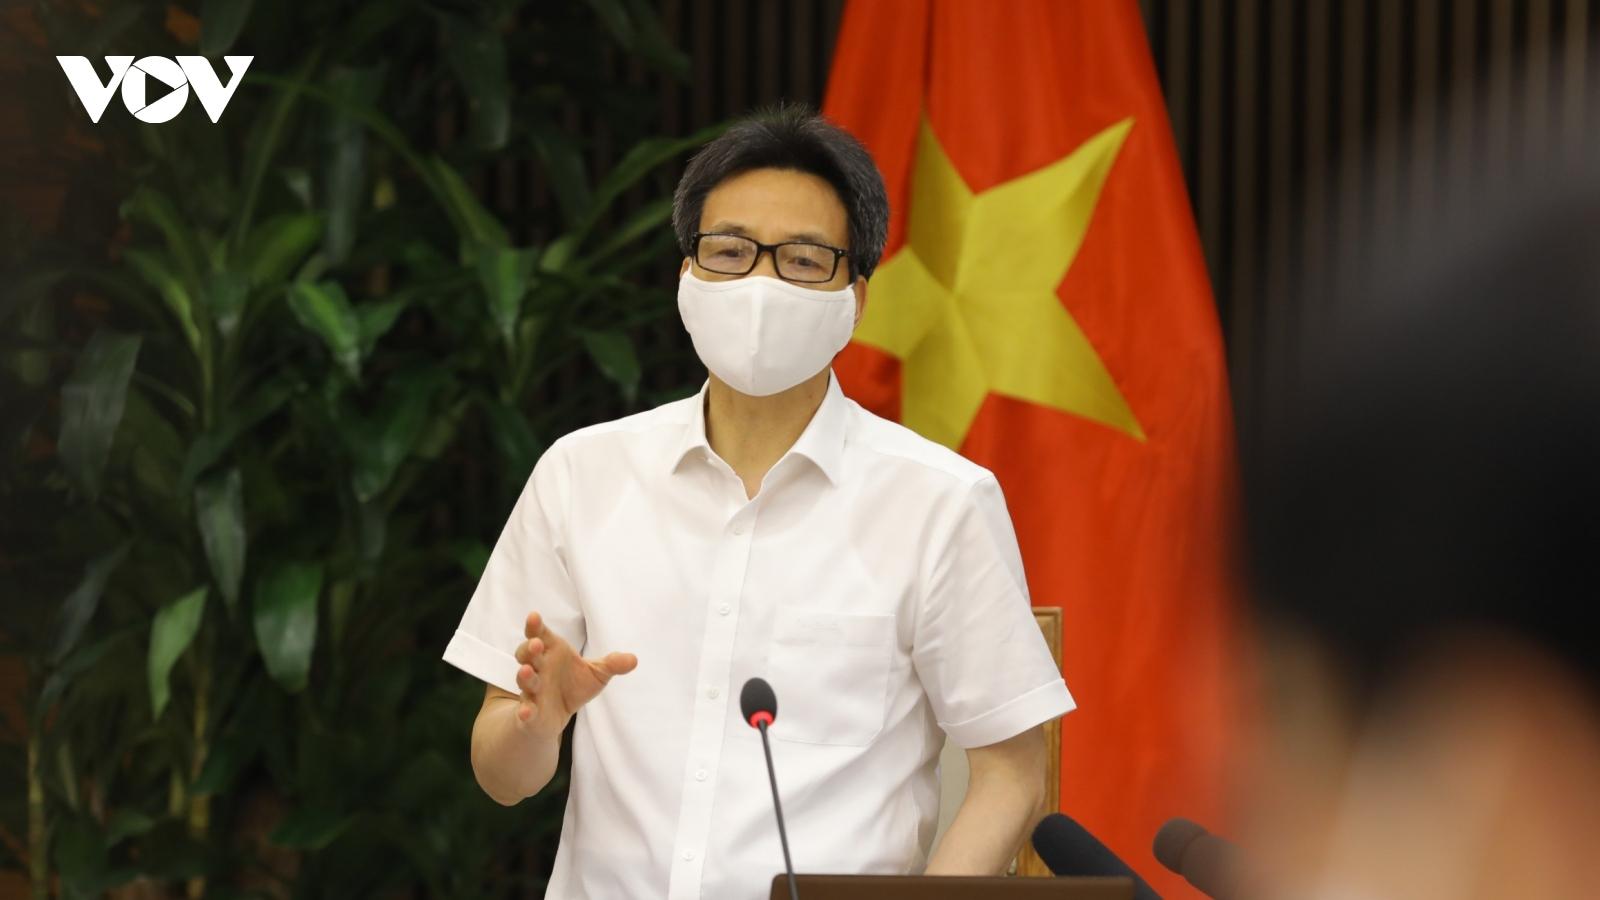 """Phó Thủ tướng Vũ Đức Đam: Bắc Giang, Bắc Ninh """"không để đứt gãy chuỗi sản xuất"""""""